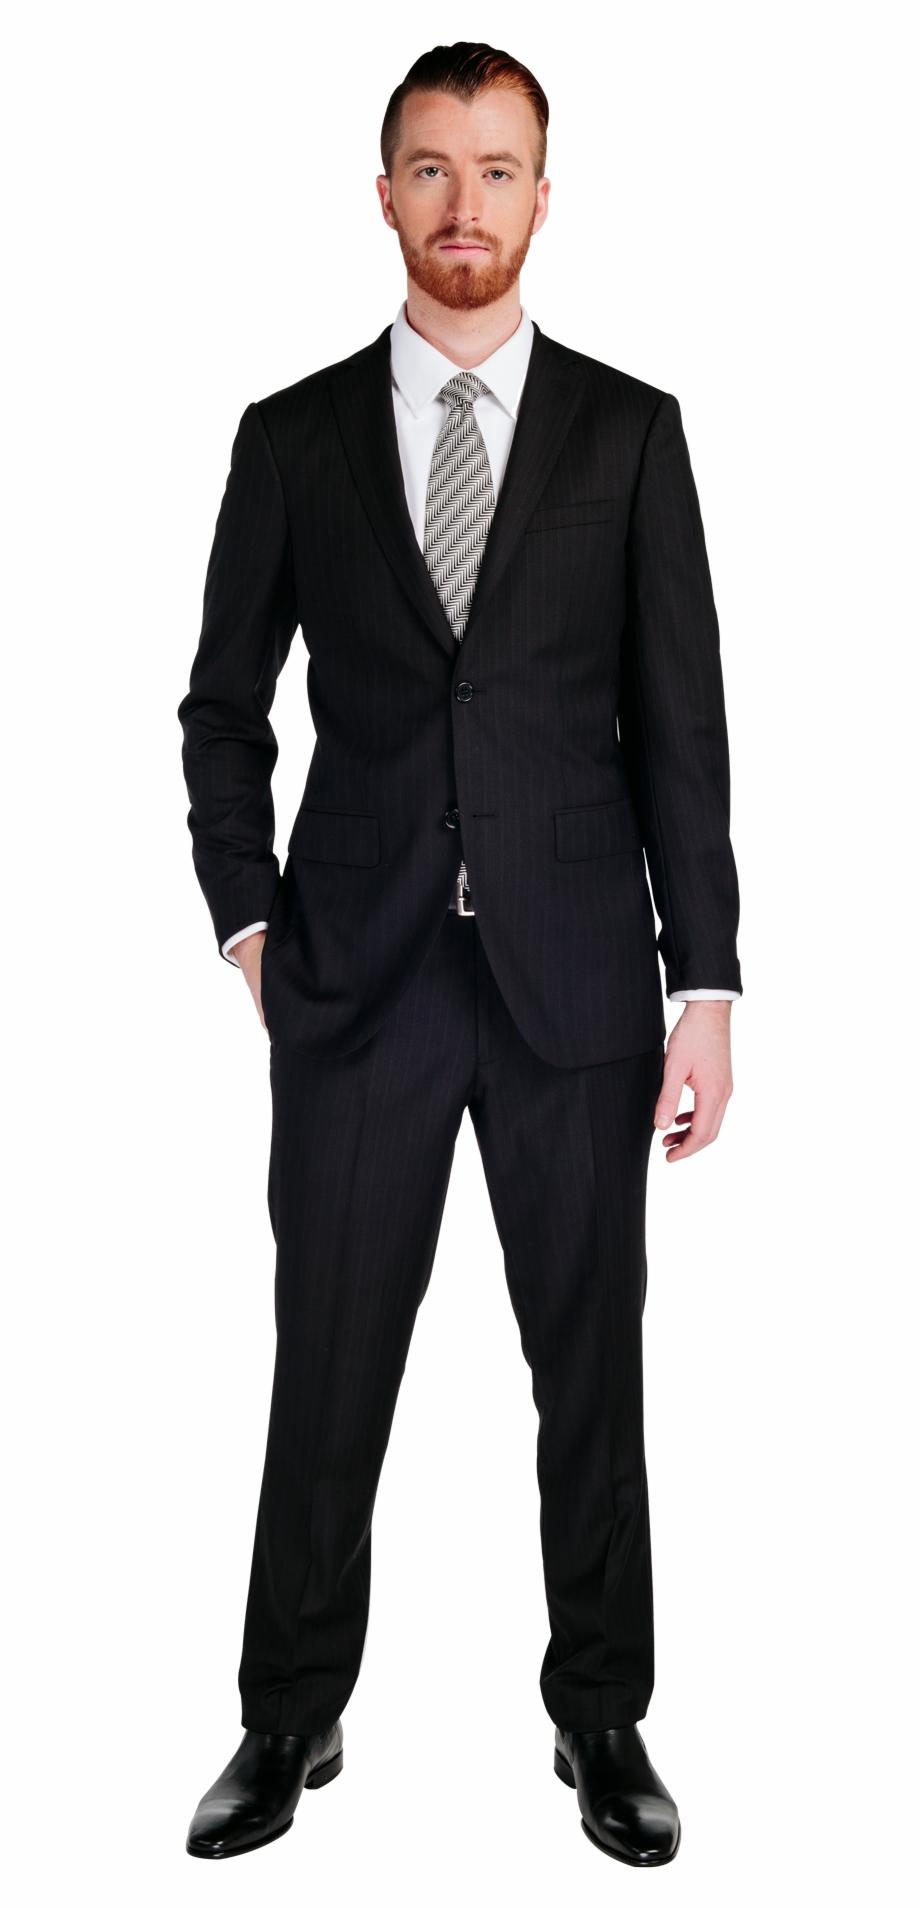 Men Suit Png.